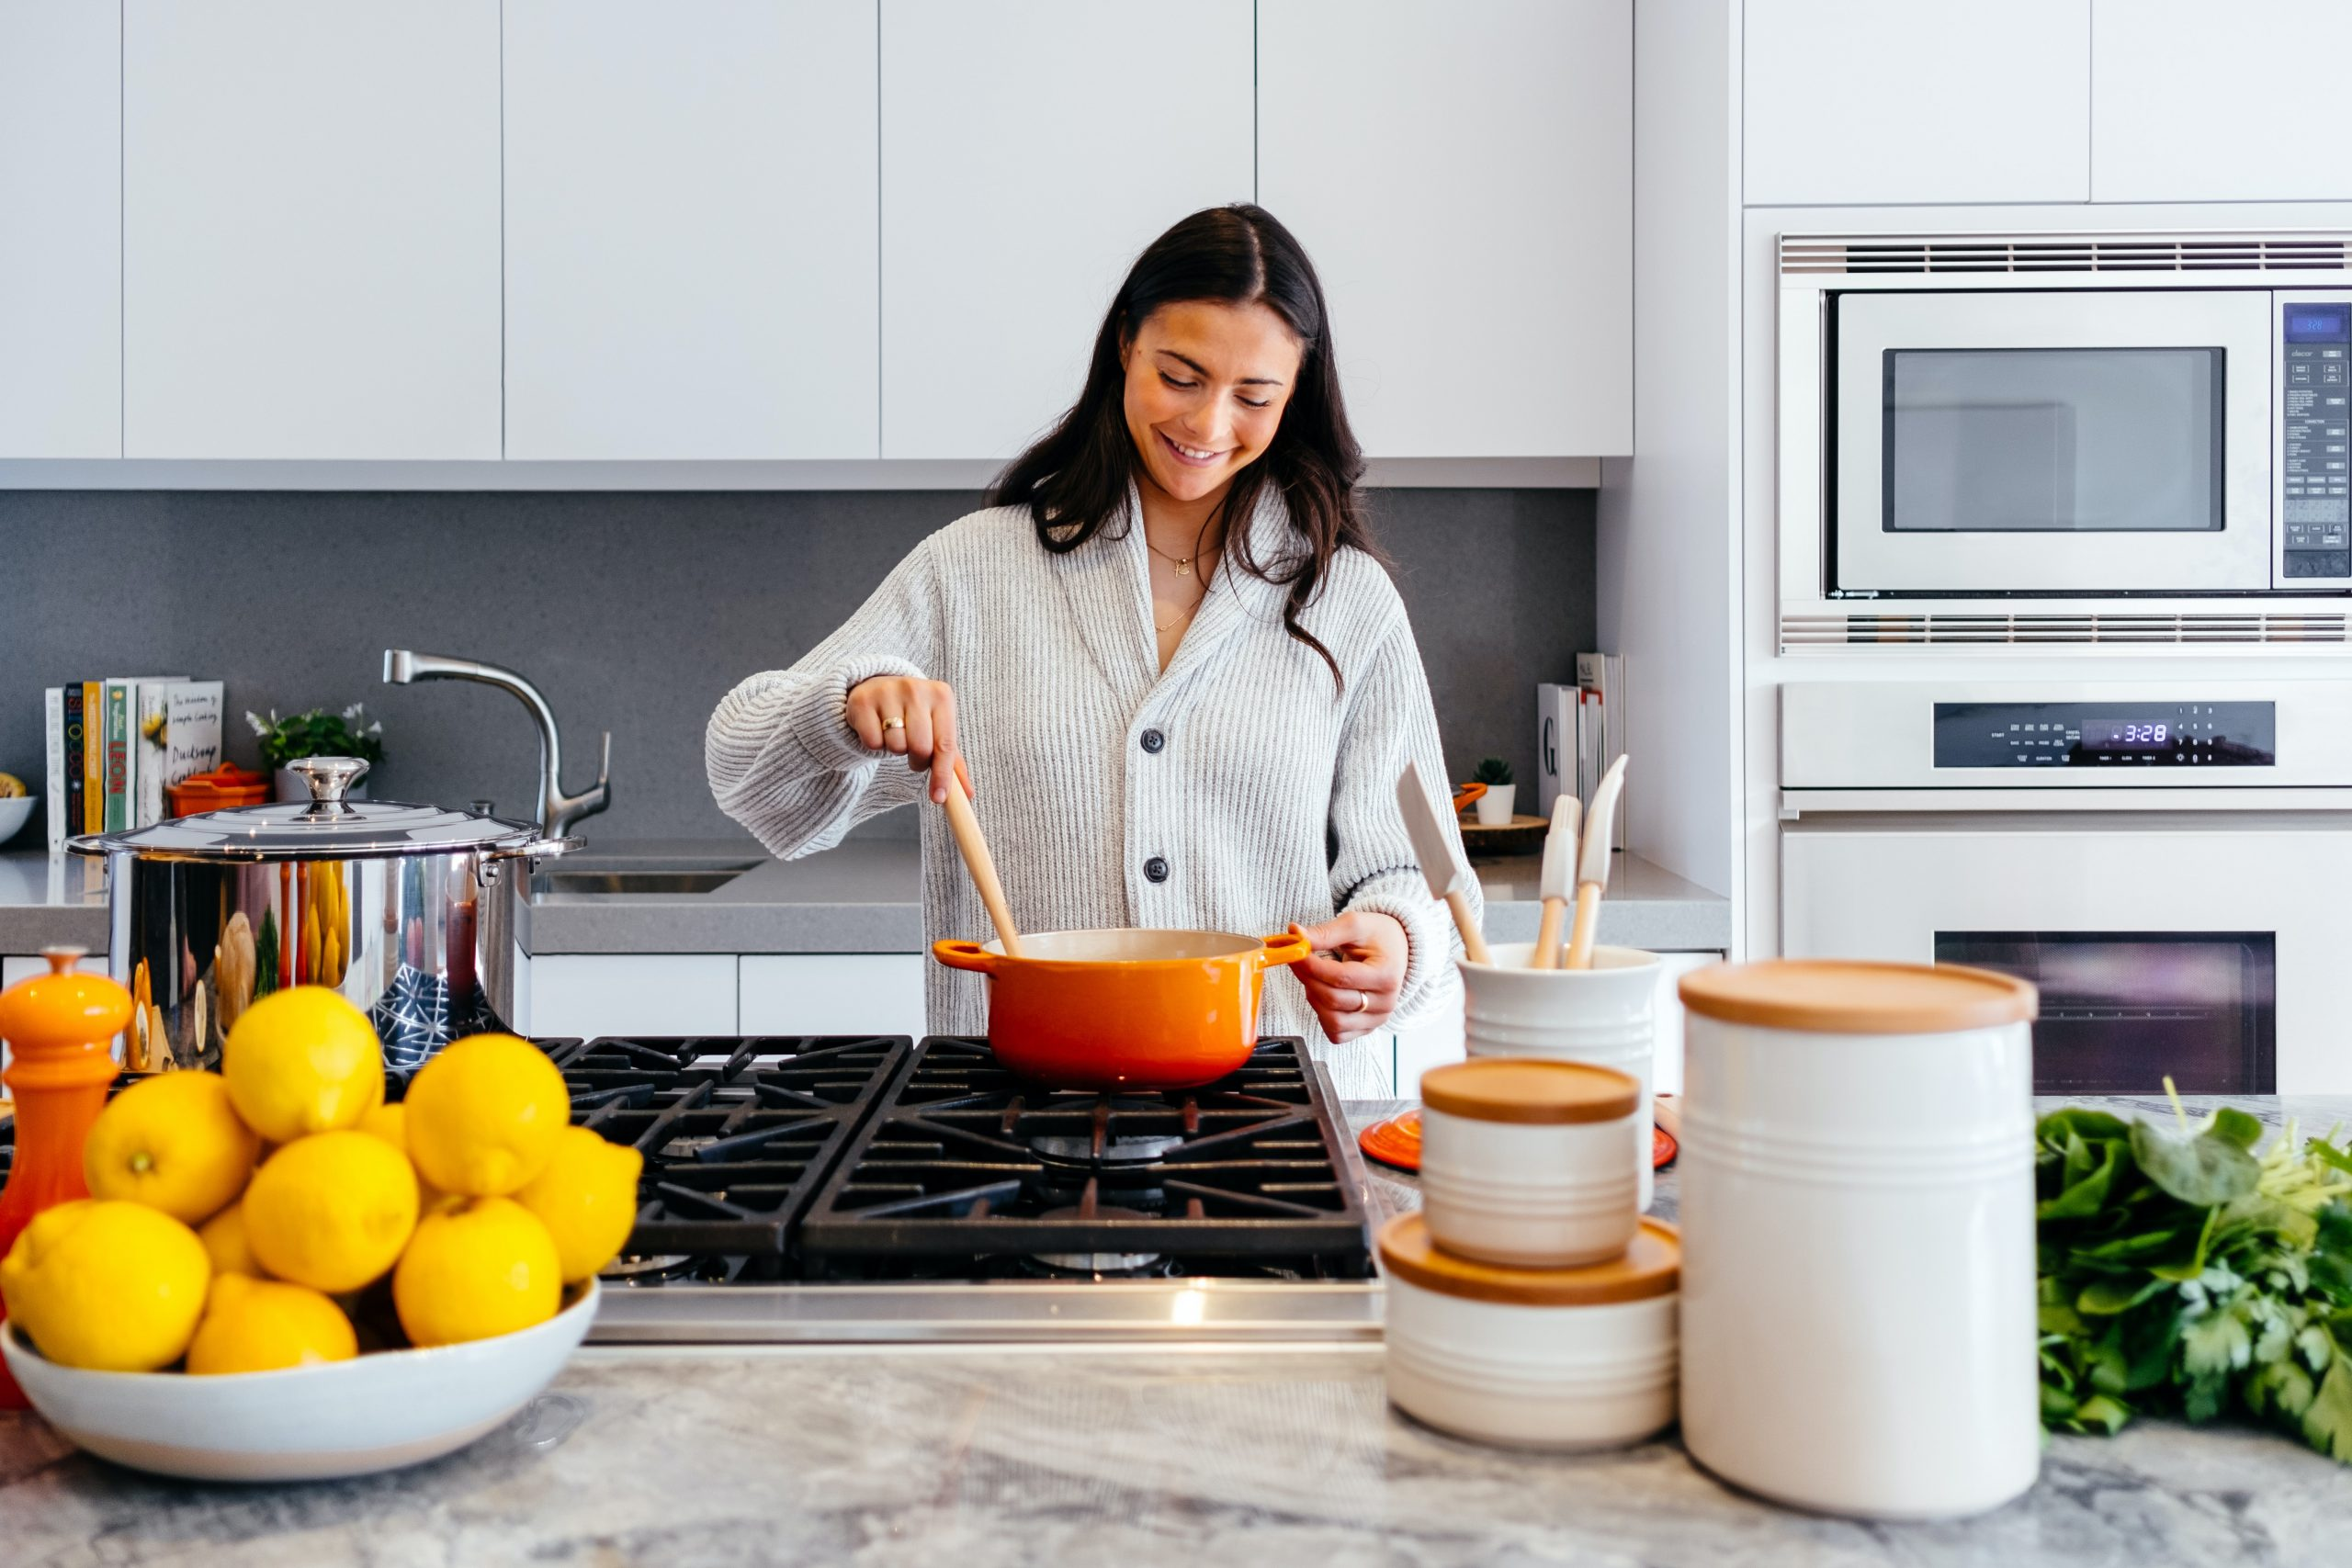 Ktoré spotrebiče sú v kuchyni nápomocné a ktoré len berú miesto